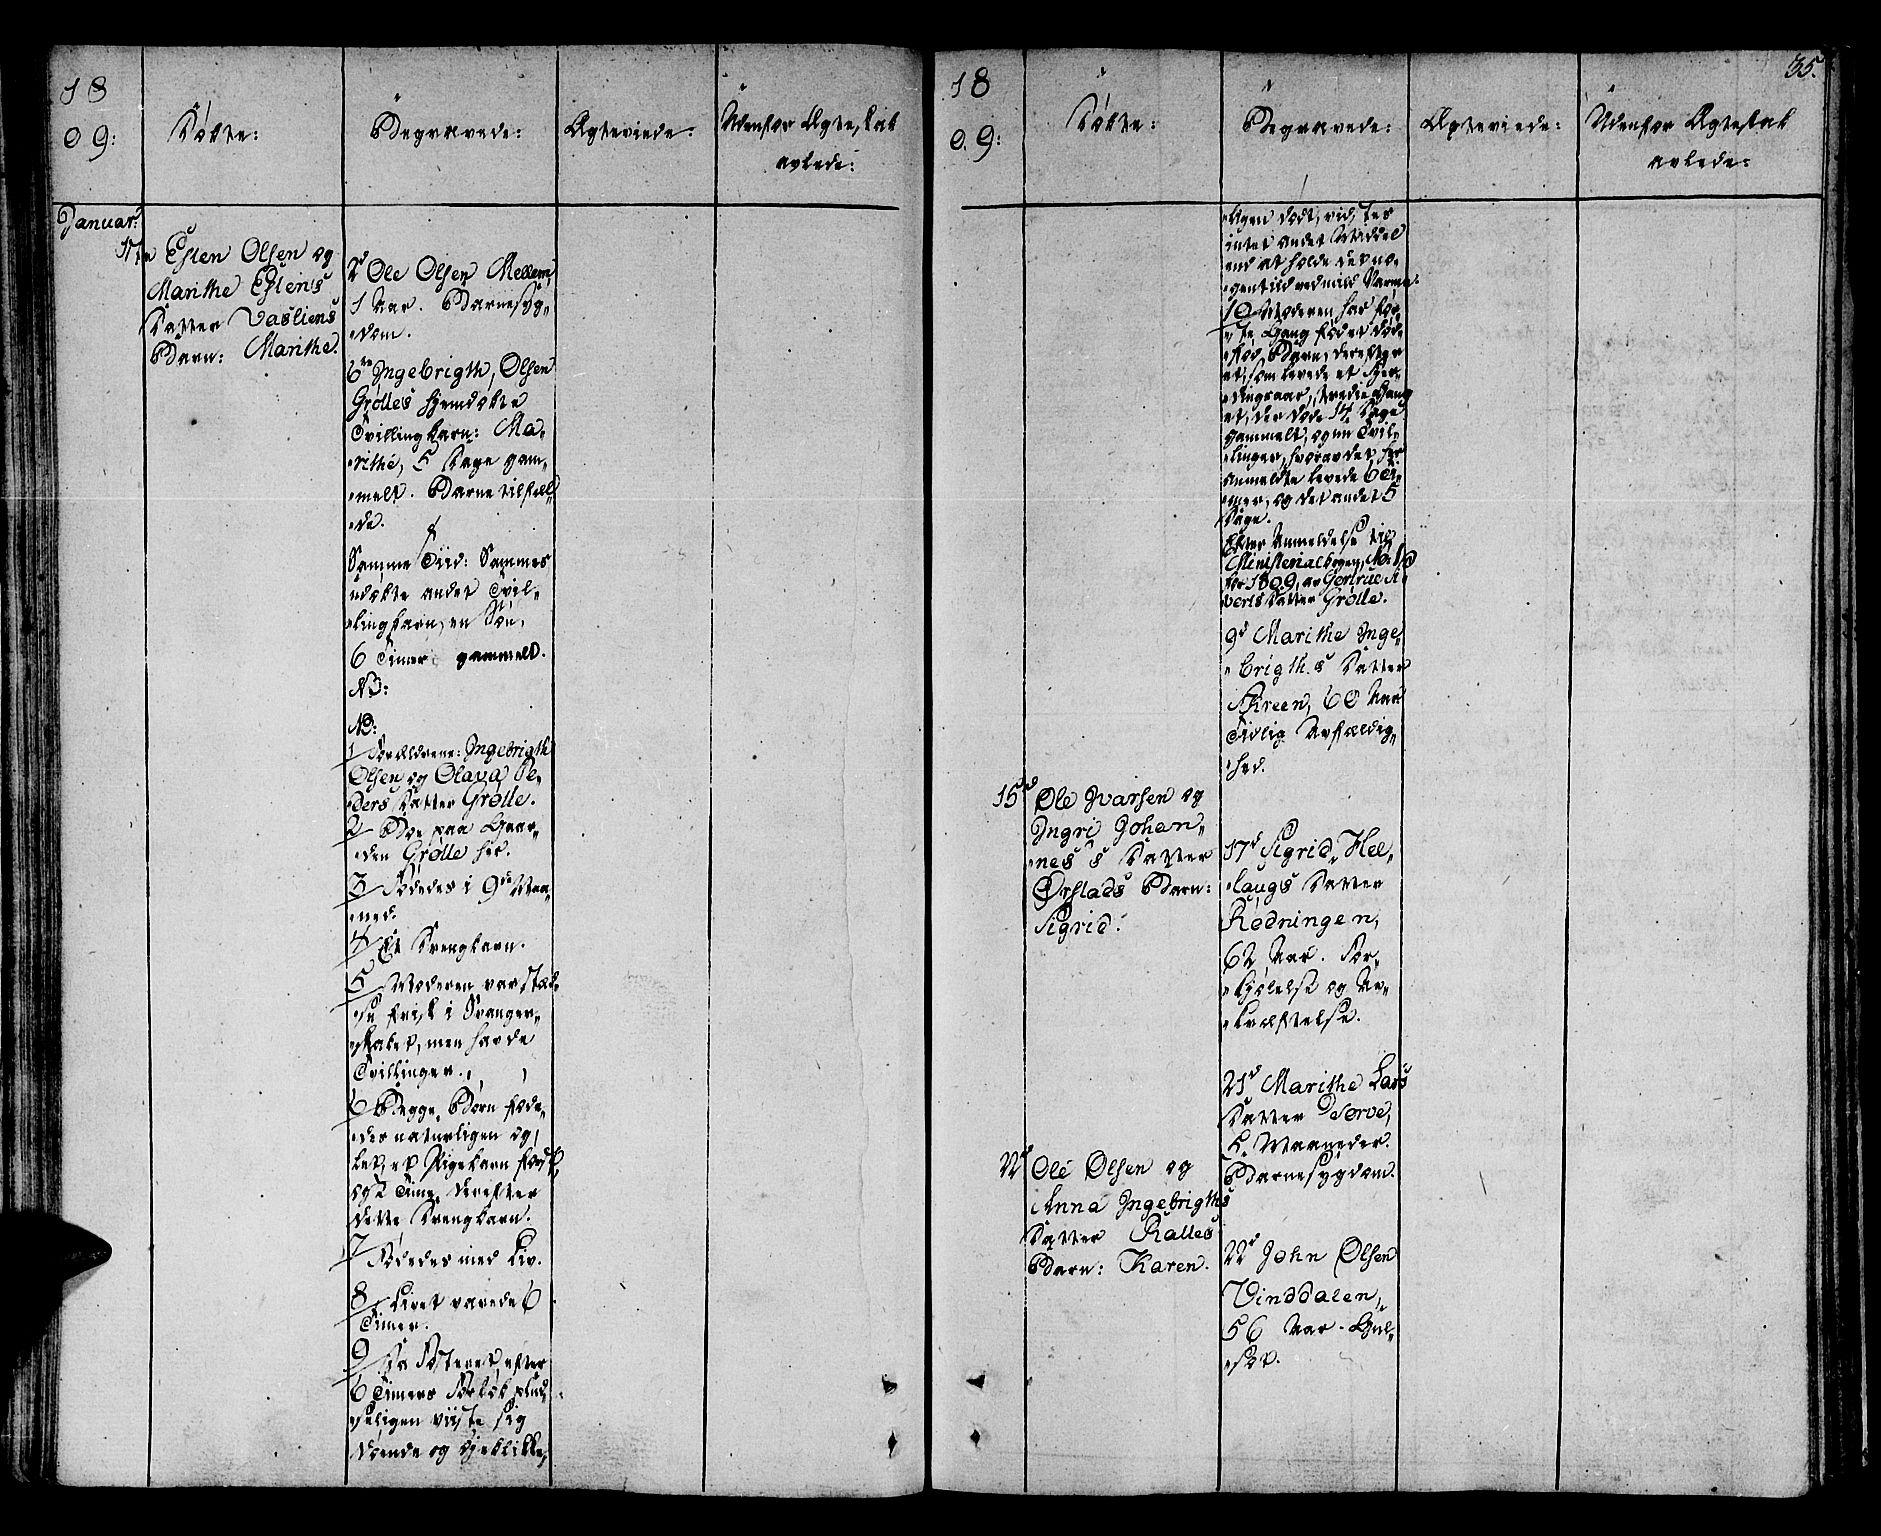 SAT, Ministerialprotokoller, klokkerbøker og fødselsregistre - Sør-Trøndelag, 678/L0894: Ministerialbok nr. 678A04, 1806-1815, s. 35